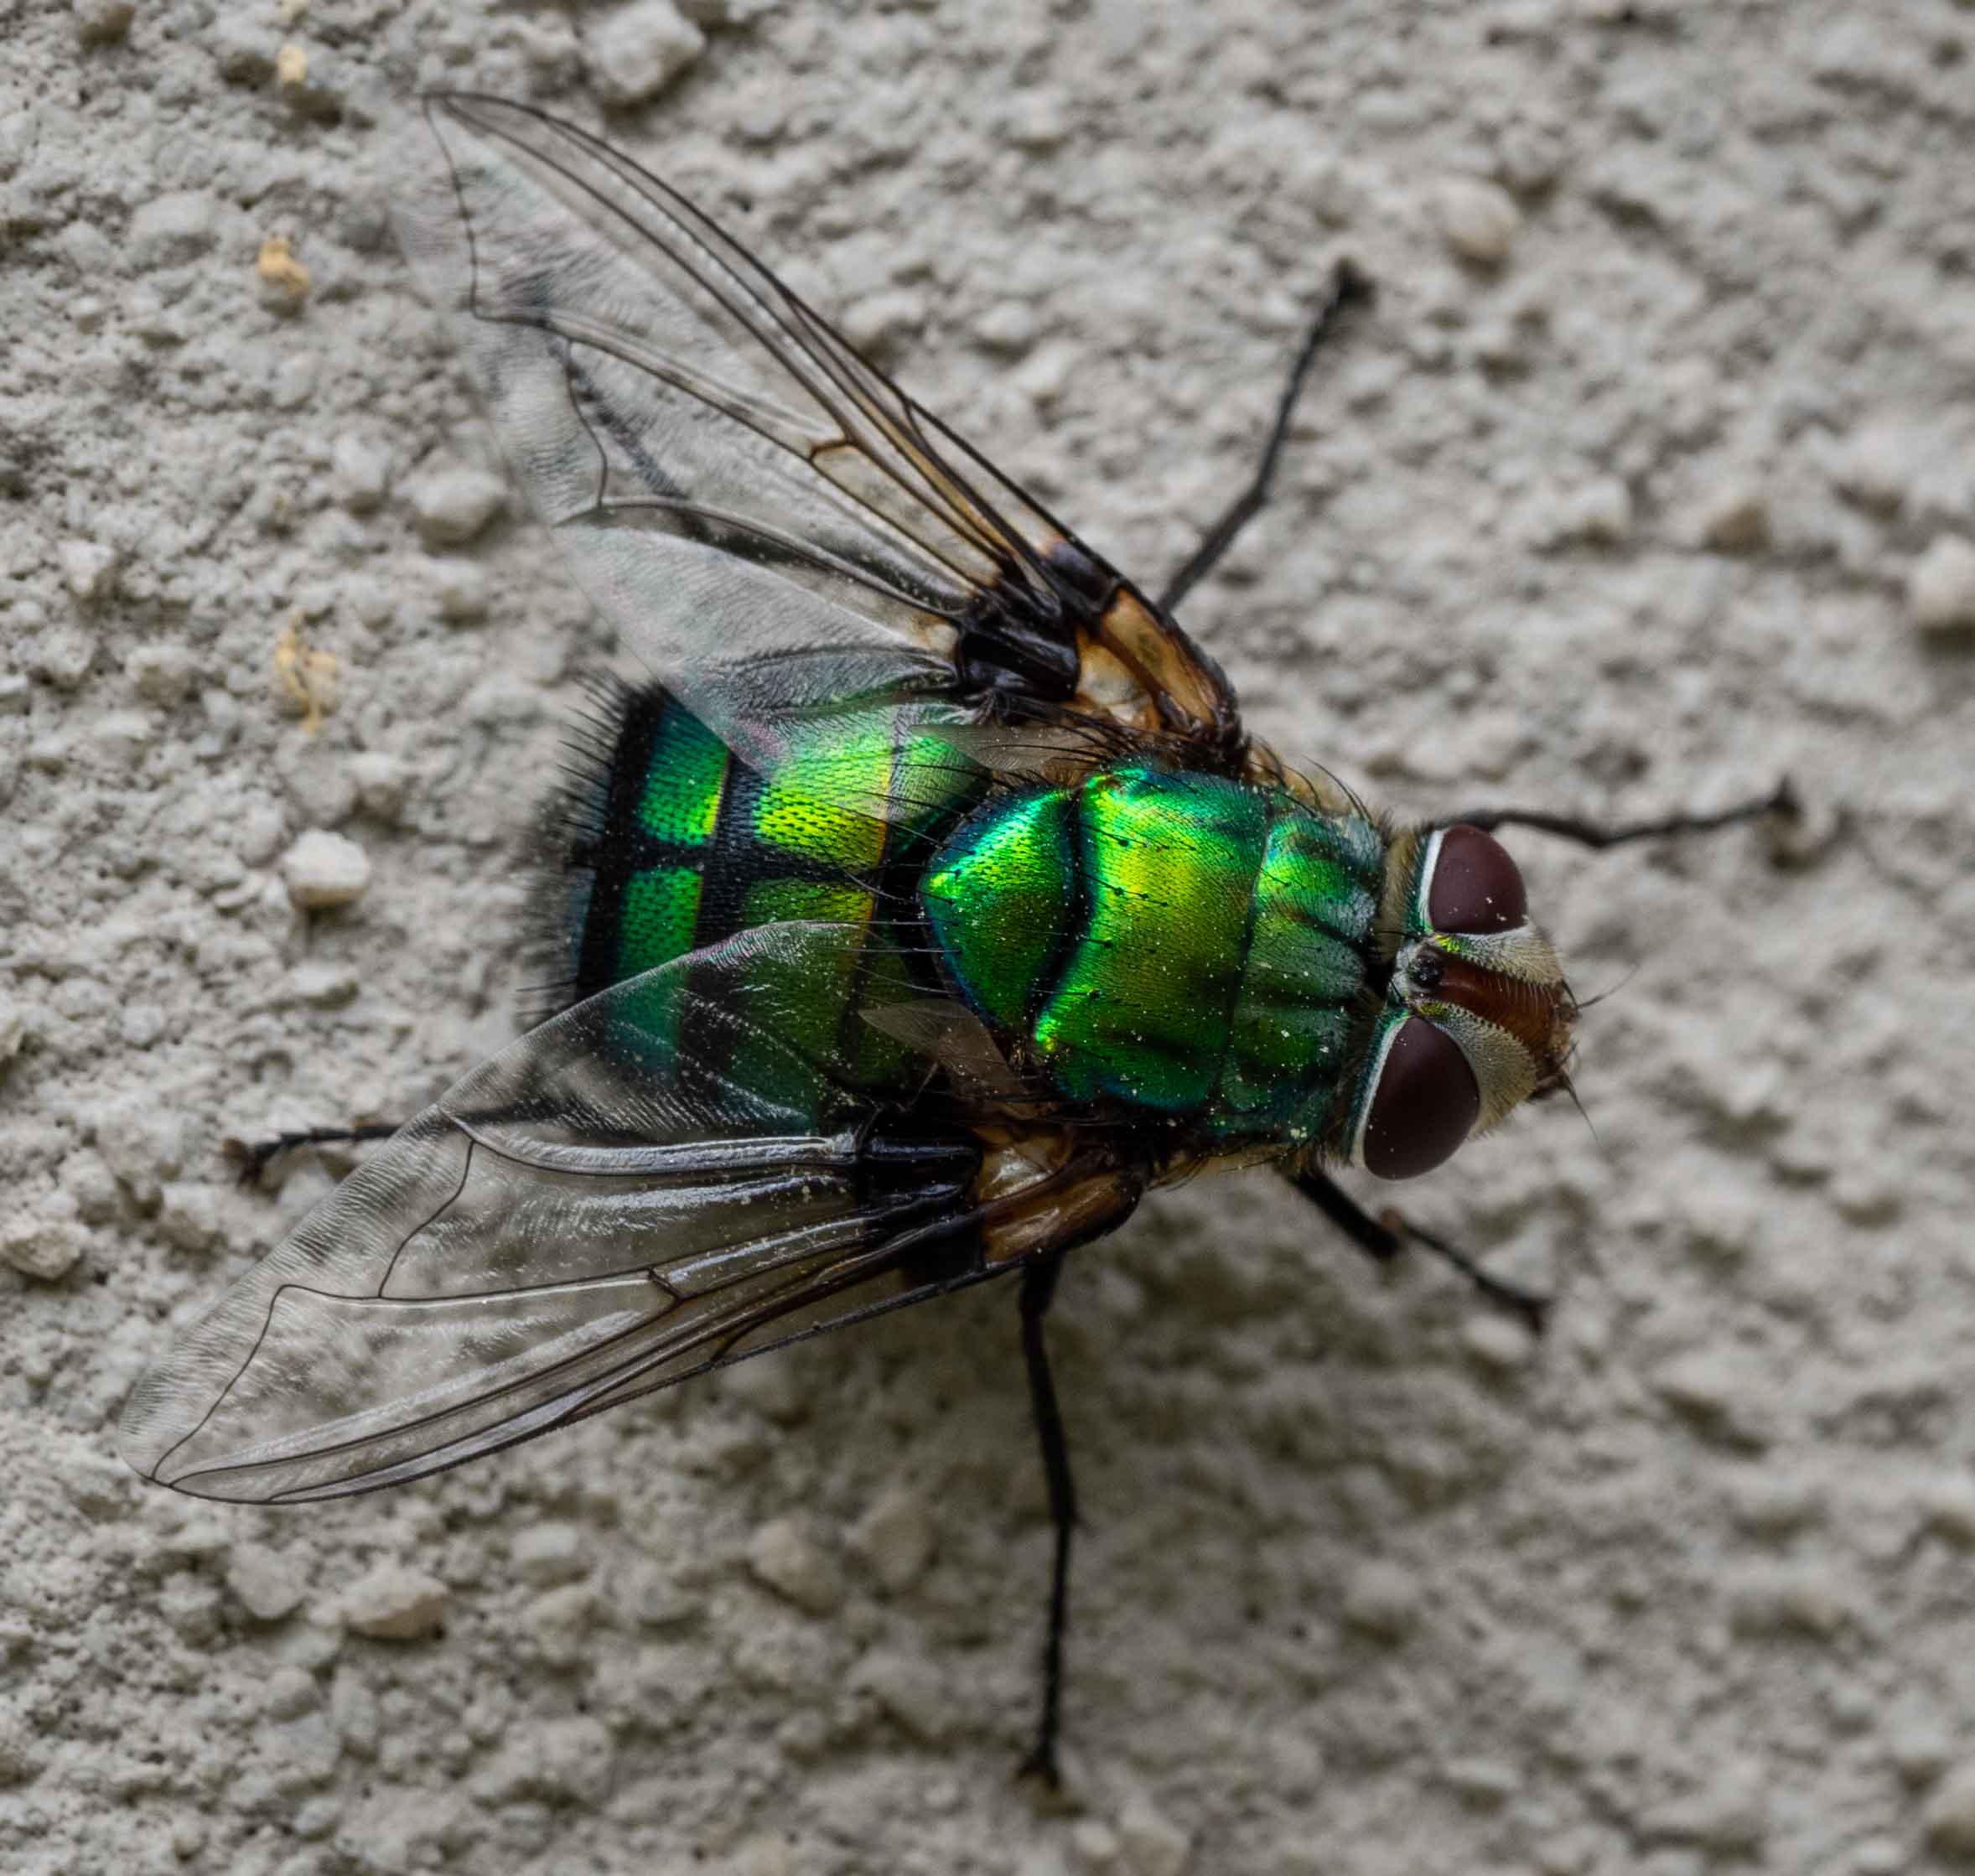 Green Rutilia fly